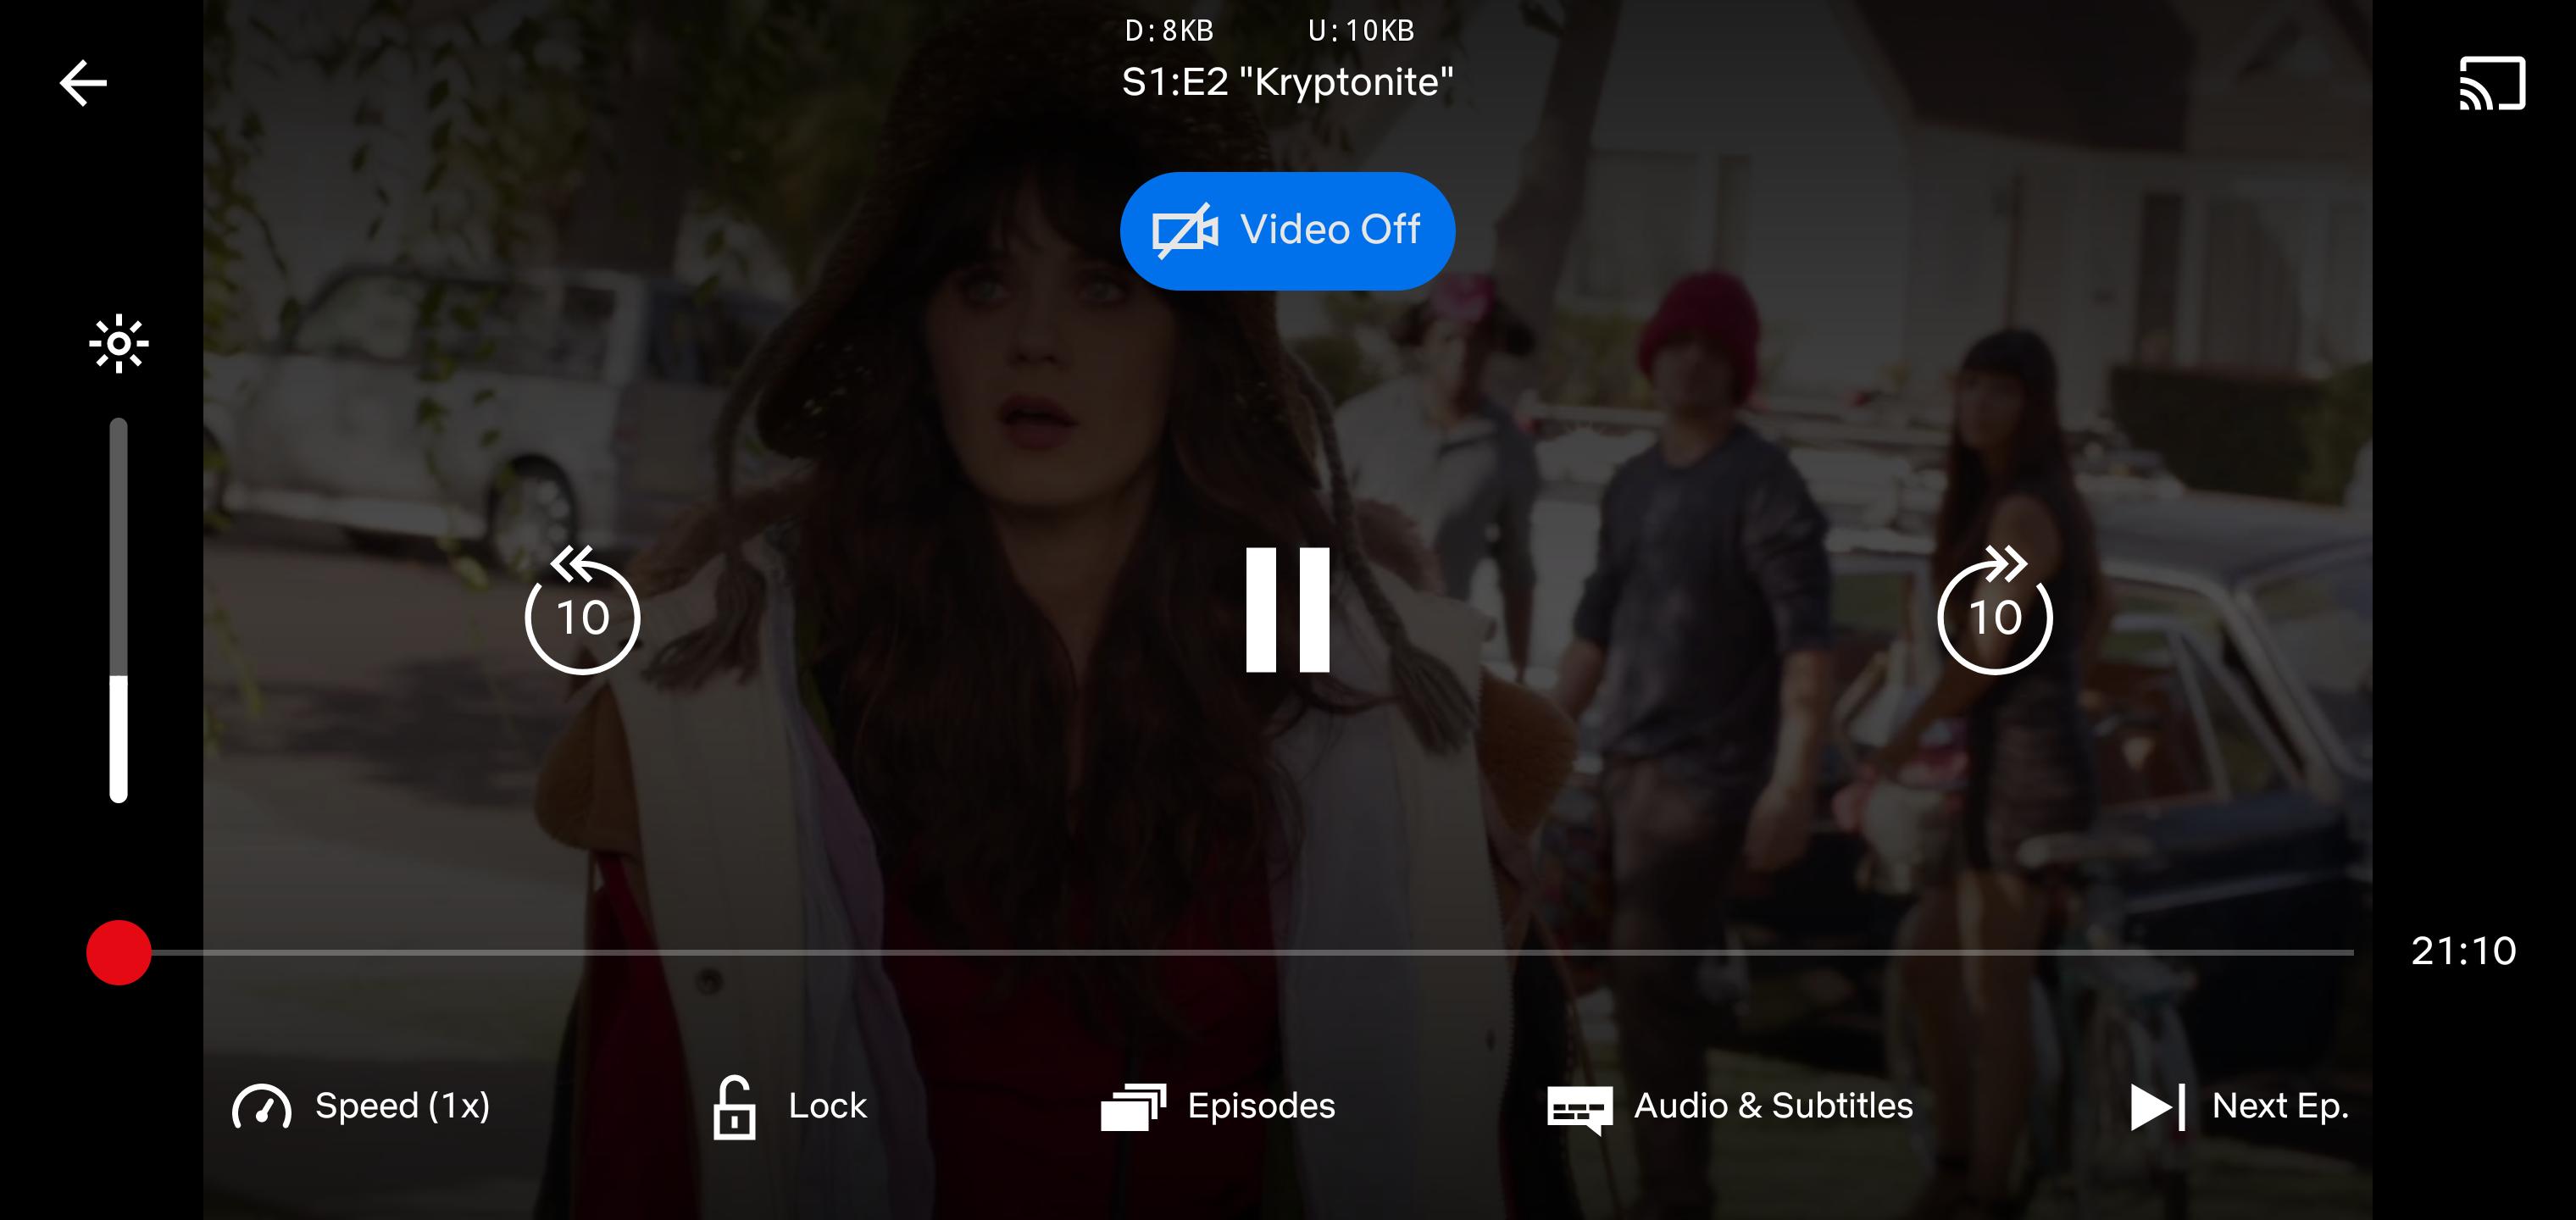 Przycisk wyłączający wideo w aplikacji Netflix (źródło: Android Police)